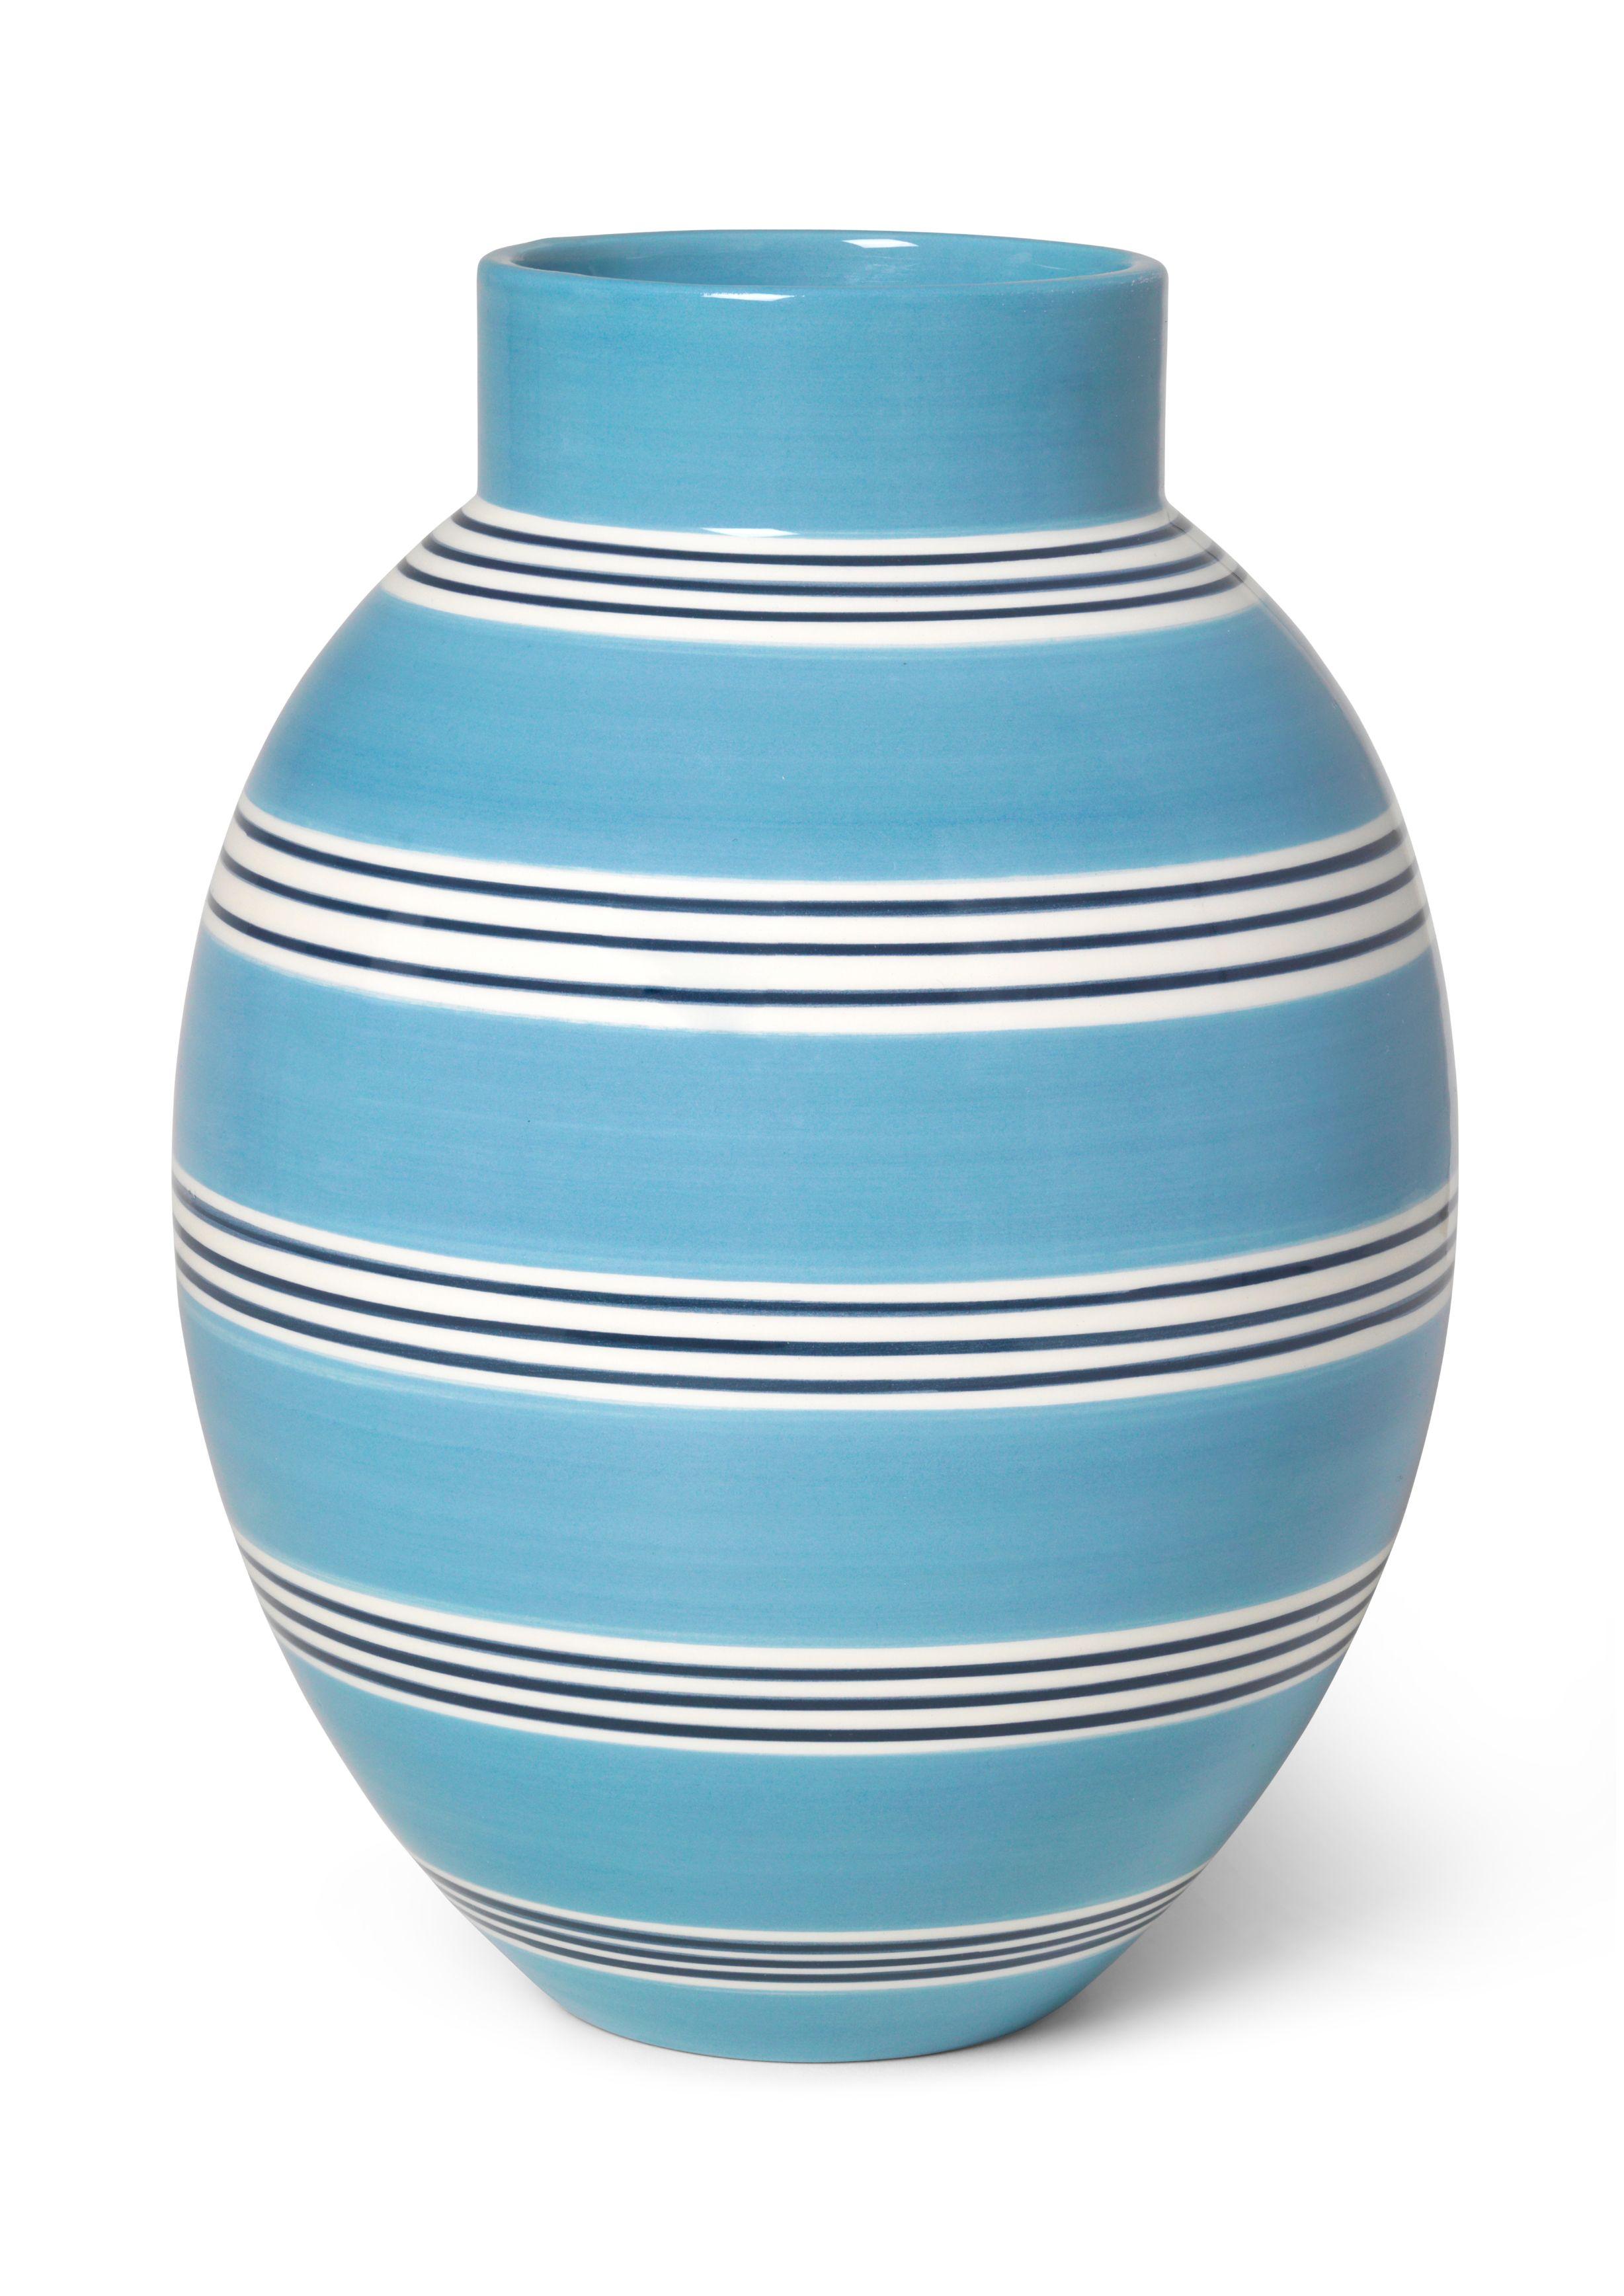 Kähler Omaggio Nuovo vase, H30 cm, mellem blå